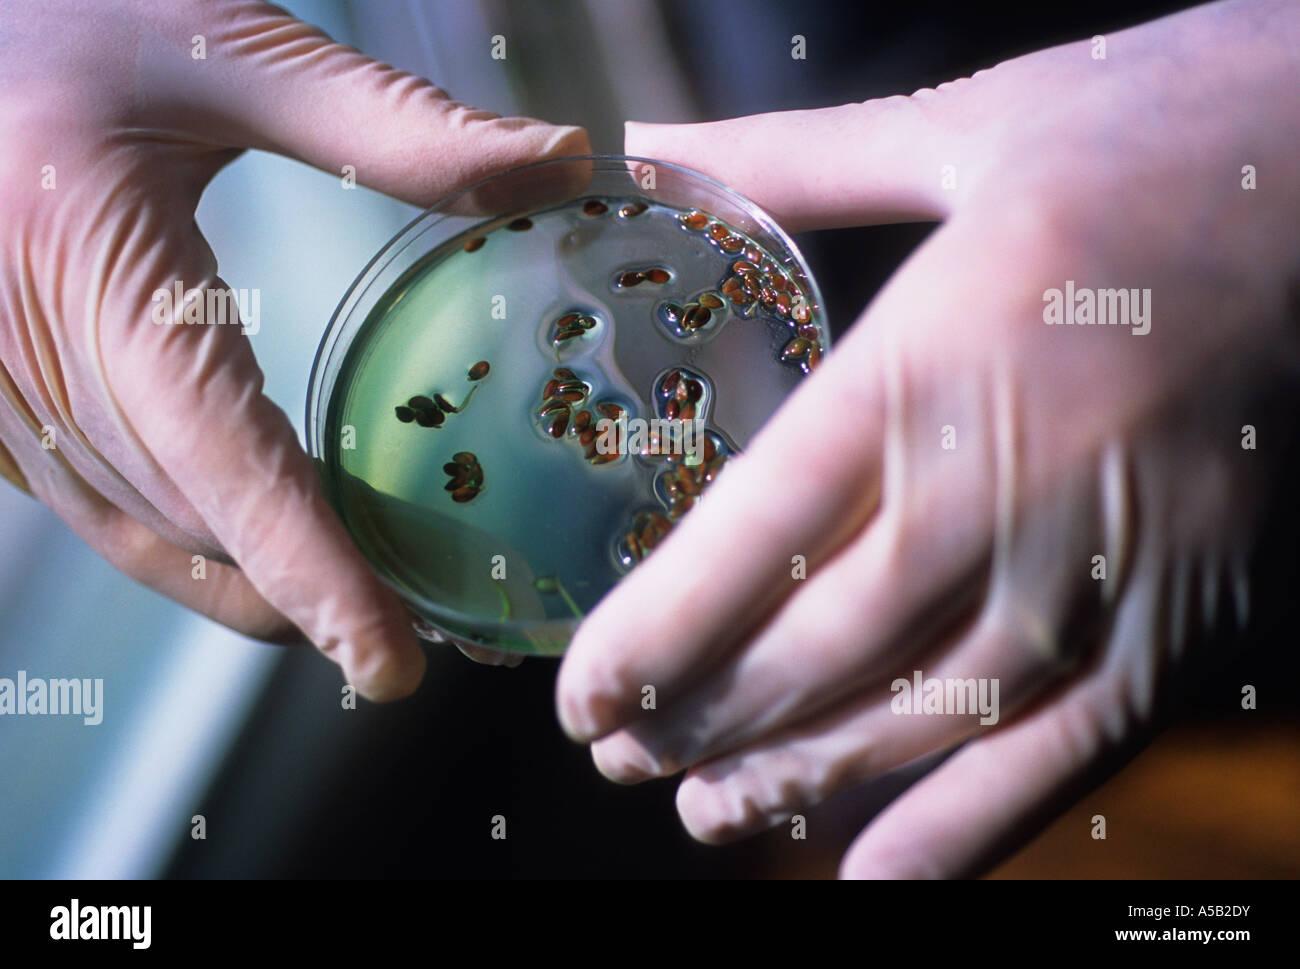 Técnico de laboratorio de ciencias con dos manos con guantes de goma sosteniendo una placa Petri Imagen De Stock